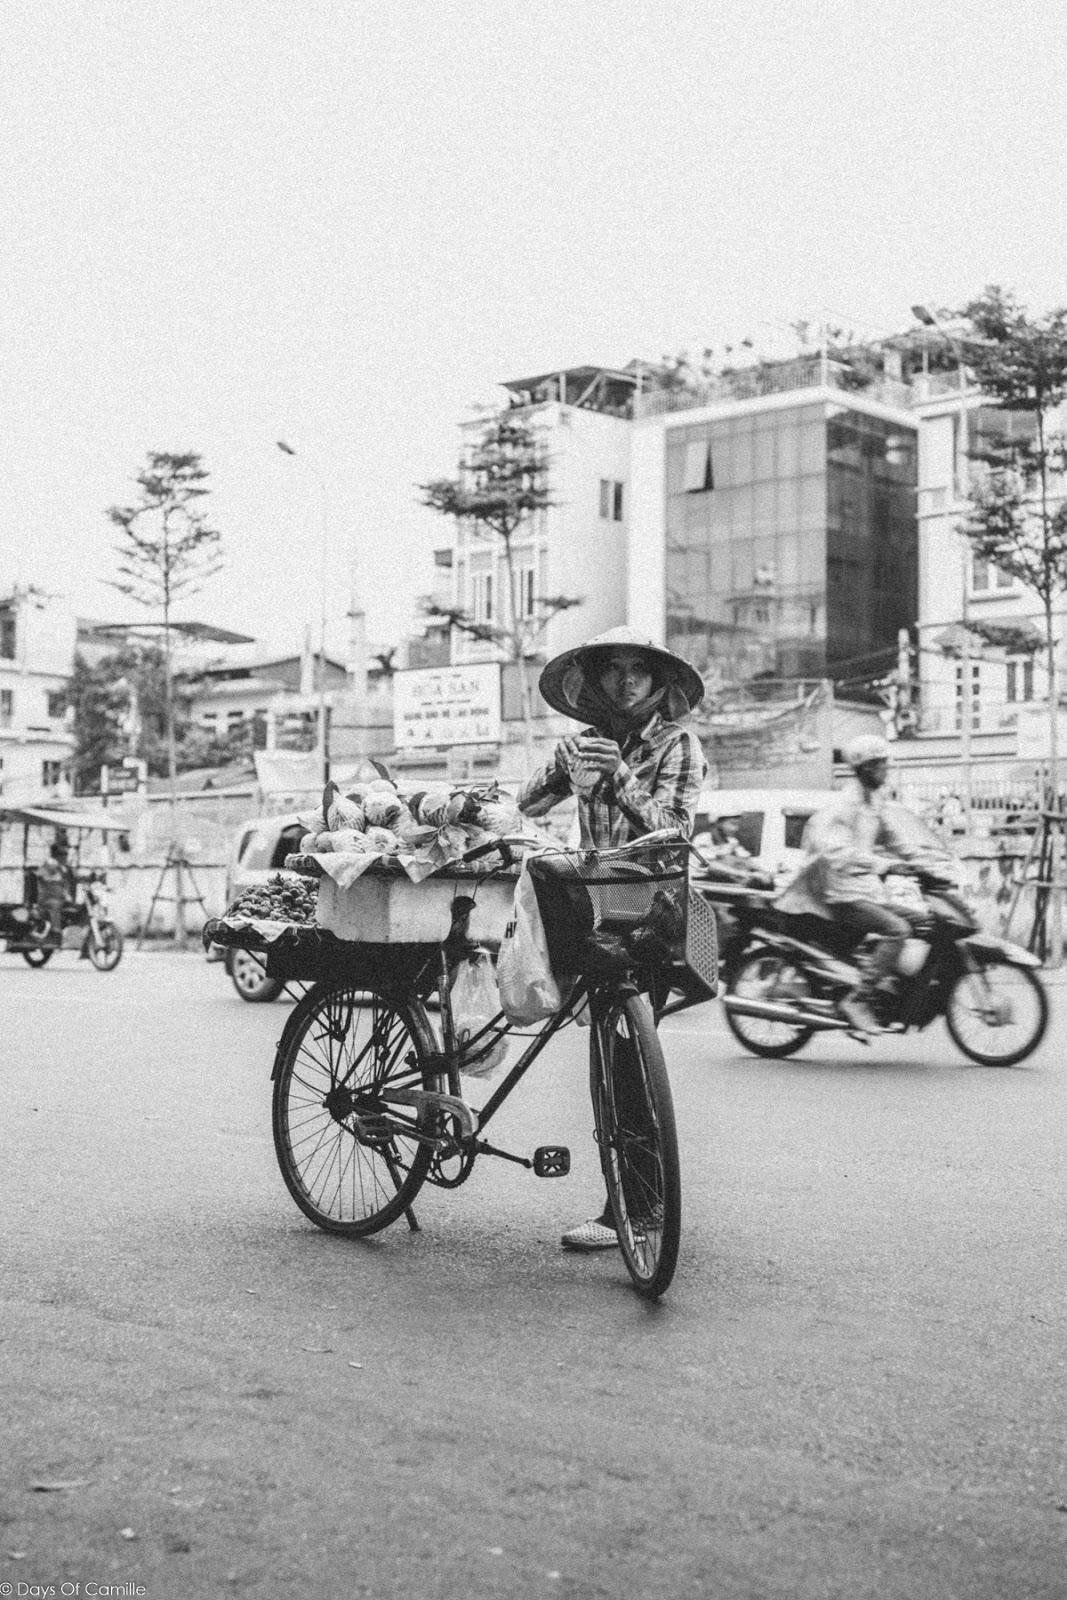 Le vieux quartier de Hanoï et le marché de Thanh Hà - Vietnam #2